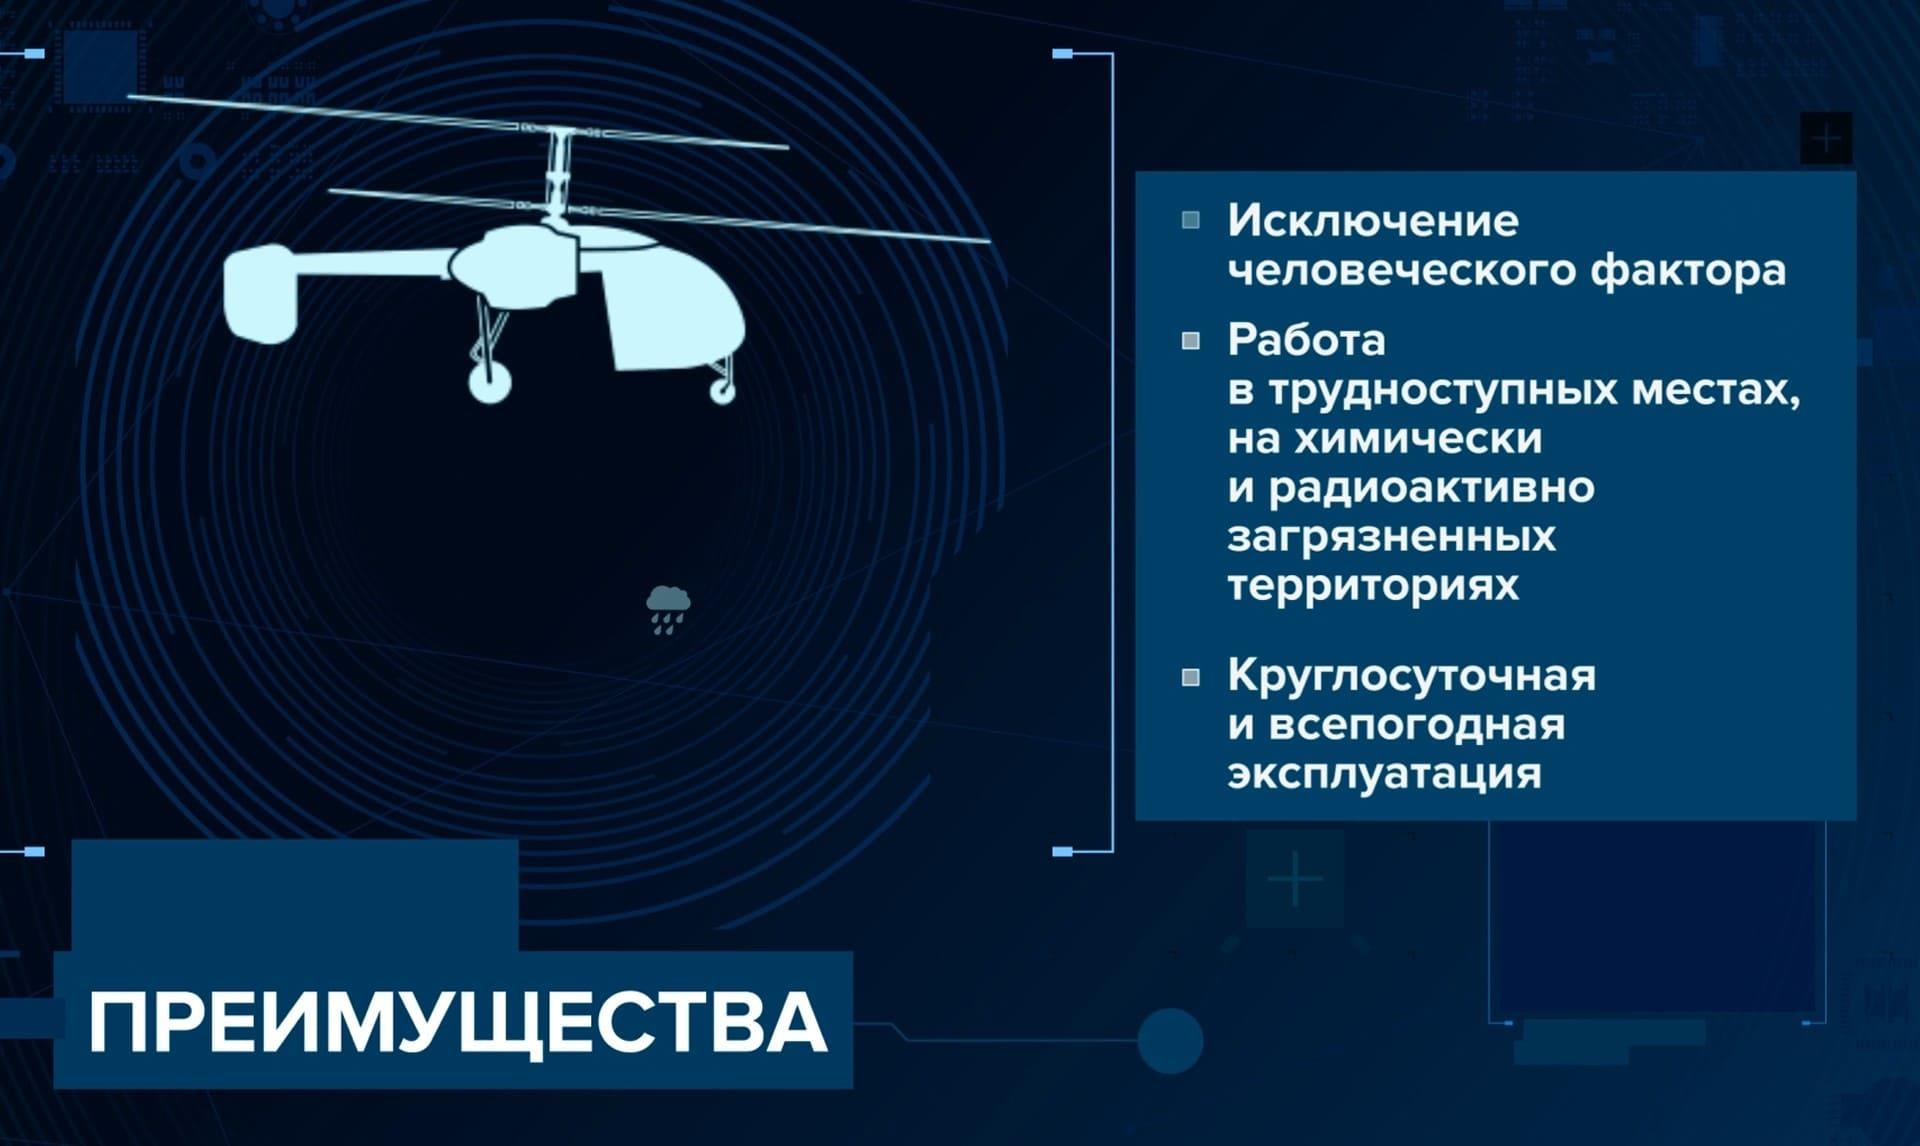 самый-большой-дрон-skyway (3)